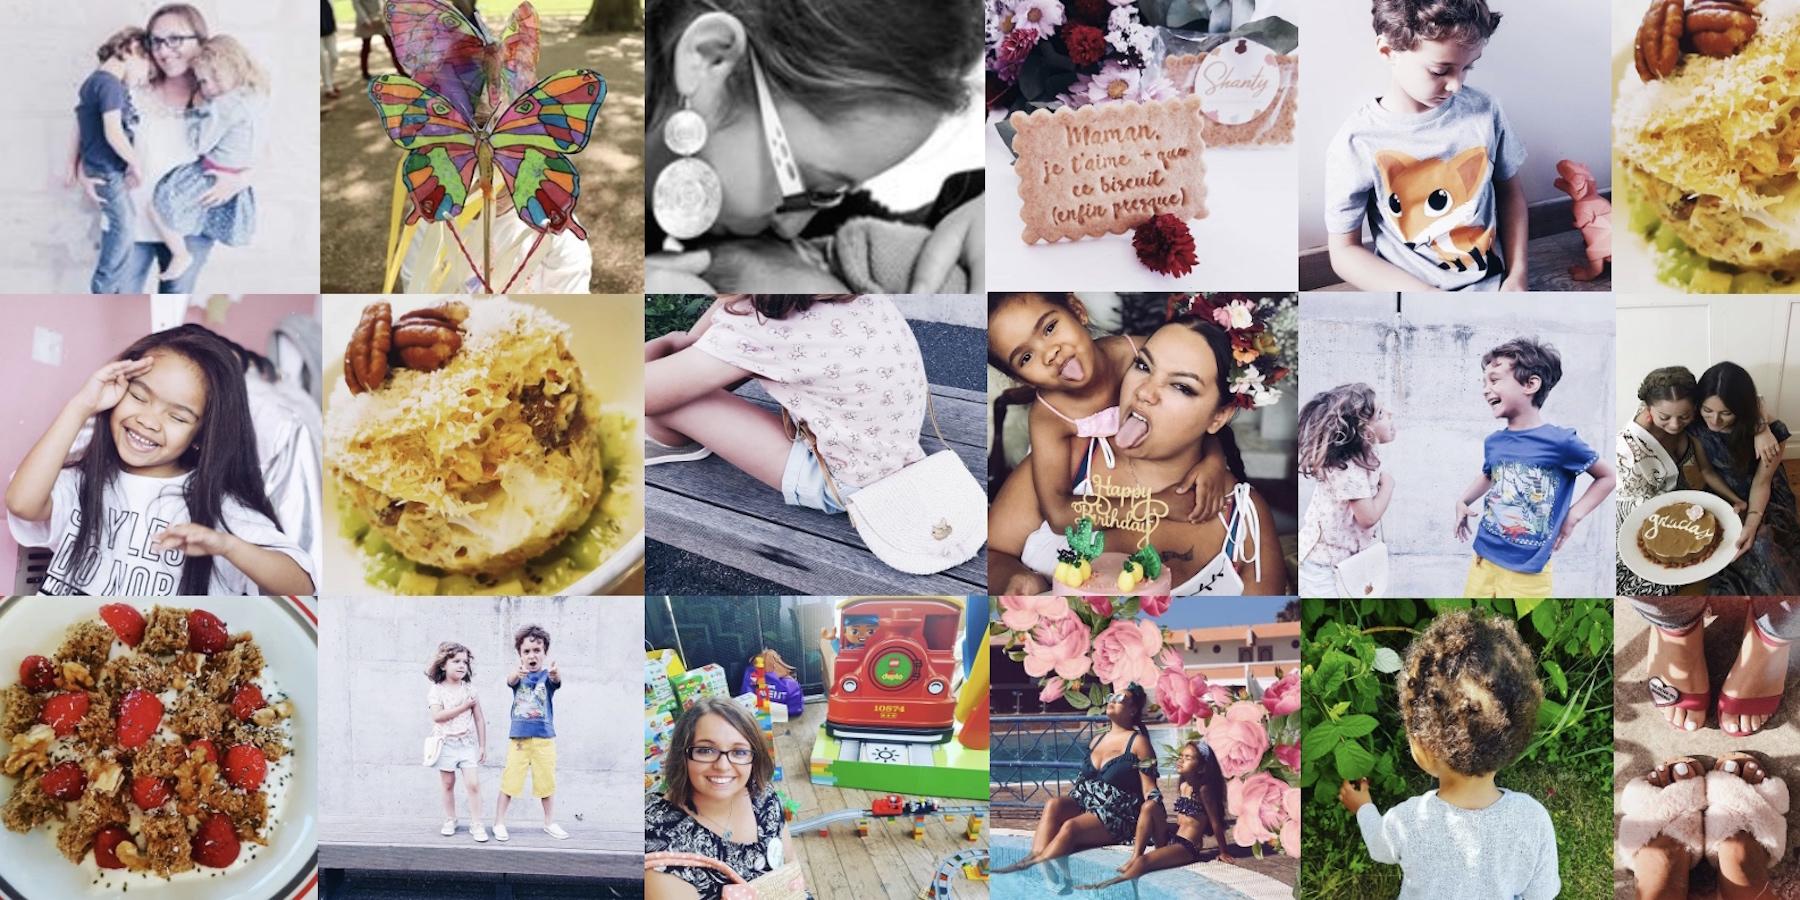 Goodies gratuits et posts publicitaires : bienvenue dans le monde merveilleux des instakids